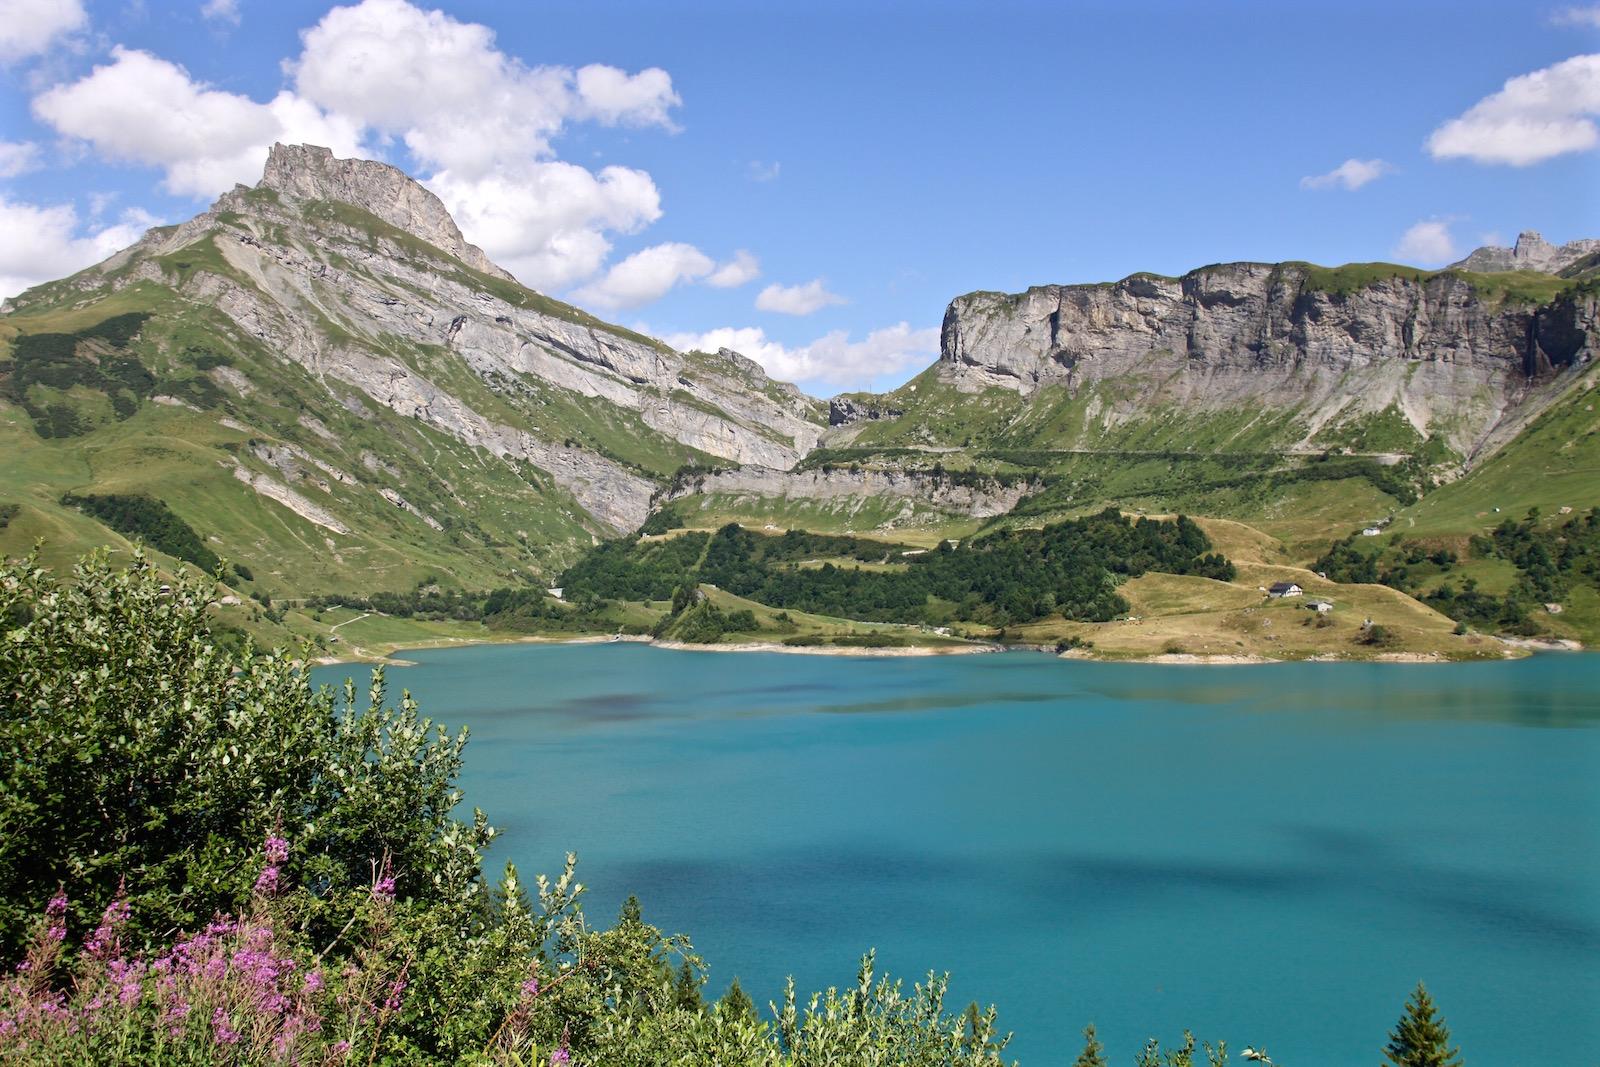 Die Terrasse des Chalet de Roselend bietet einen herrlichen Blick auf Fels, Wiesen und Wasser - dieses Bergidyll nimmt uns völlig gefangen.